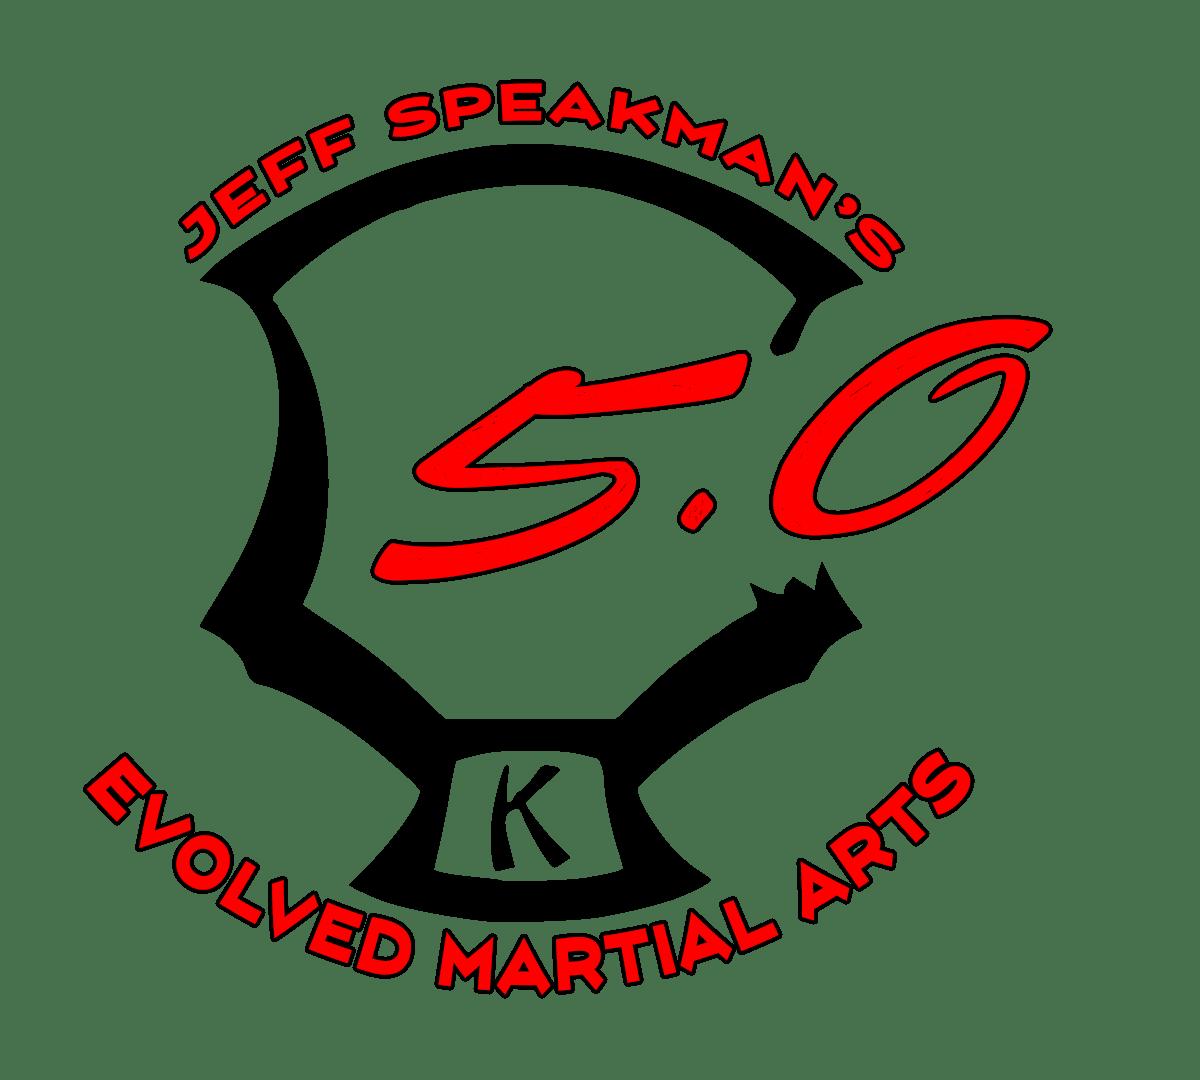 Evolved Martial Arts Redlands Logo, 5.0 Evolved Martial Arts Redlands